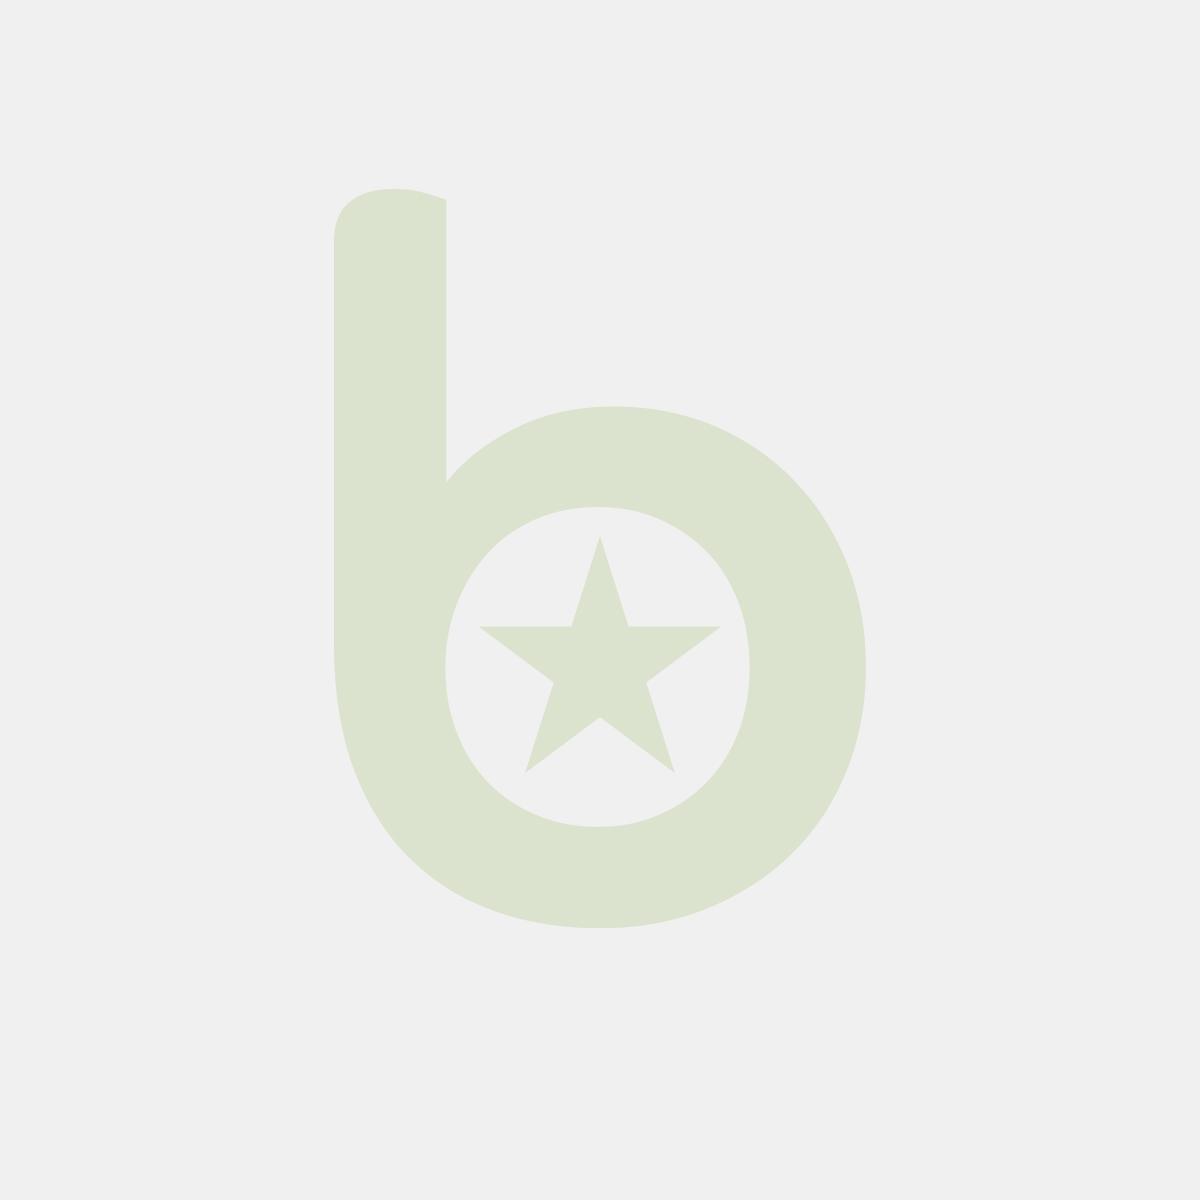 Garnek Do Gotowania Pierogów, Makaronu - Profi Line Z Wkładem I Pokrywką 55 L; Śr. 400 X 445 H